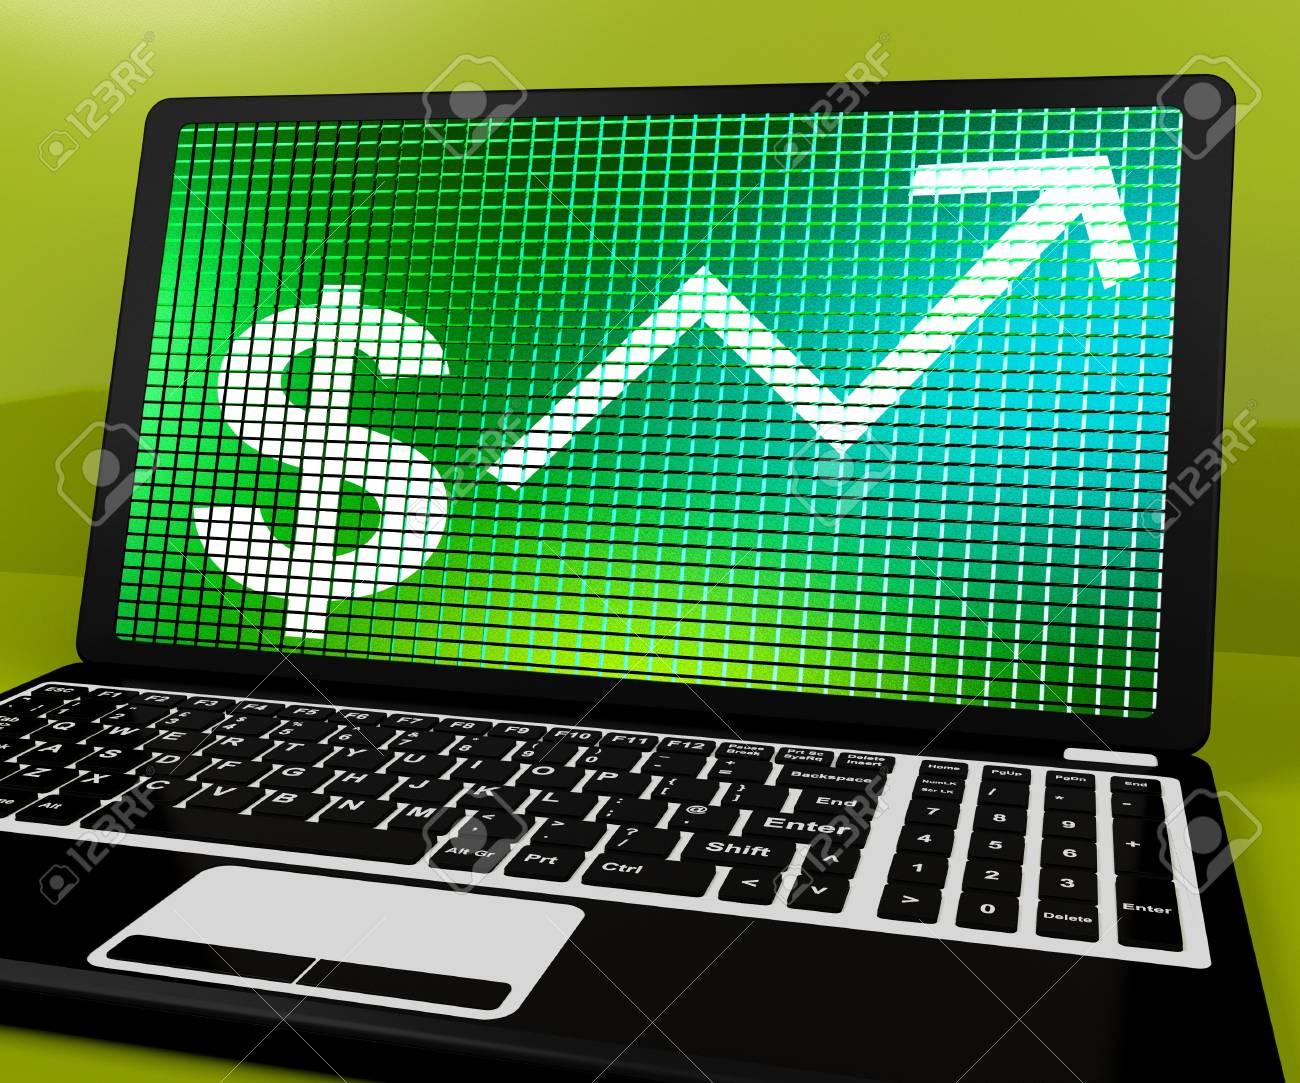 教你如何推广产品赚取大量的佣金(Laptop Earnings)